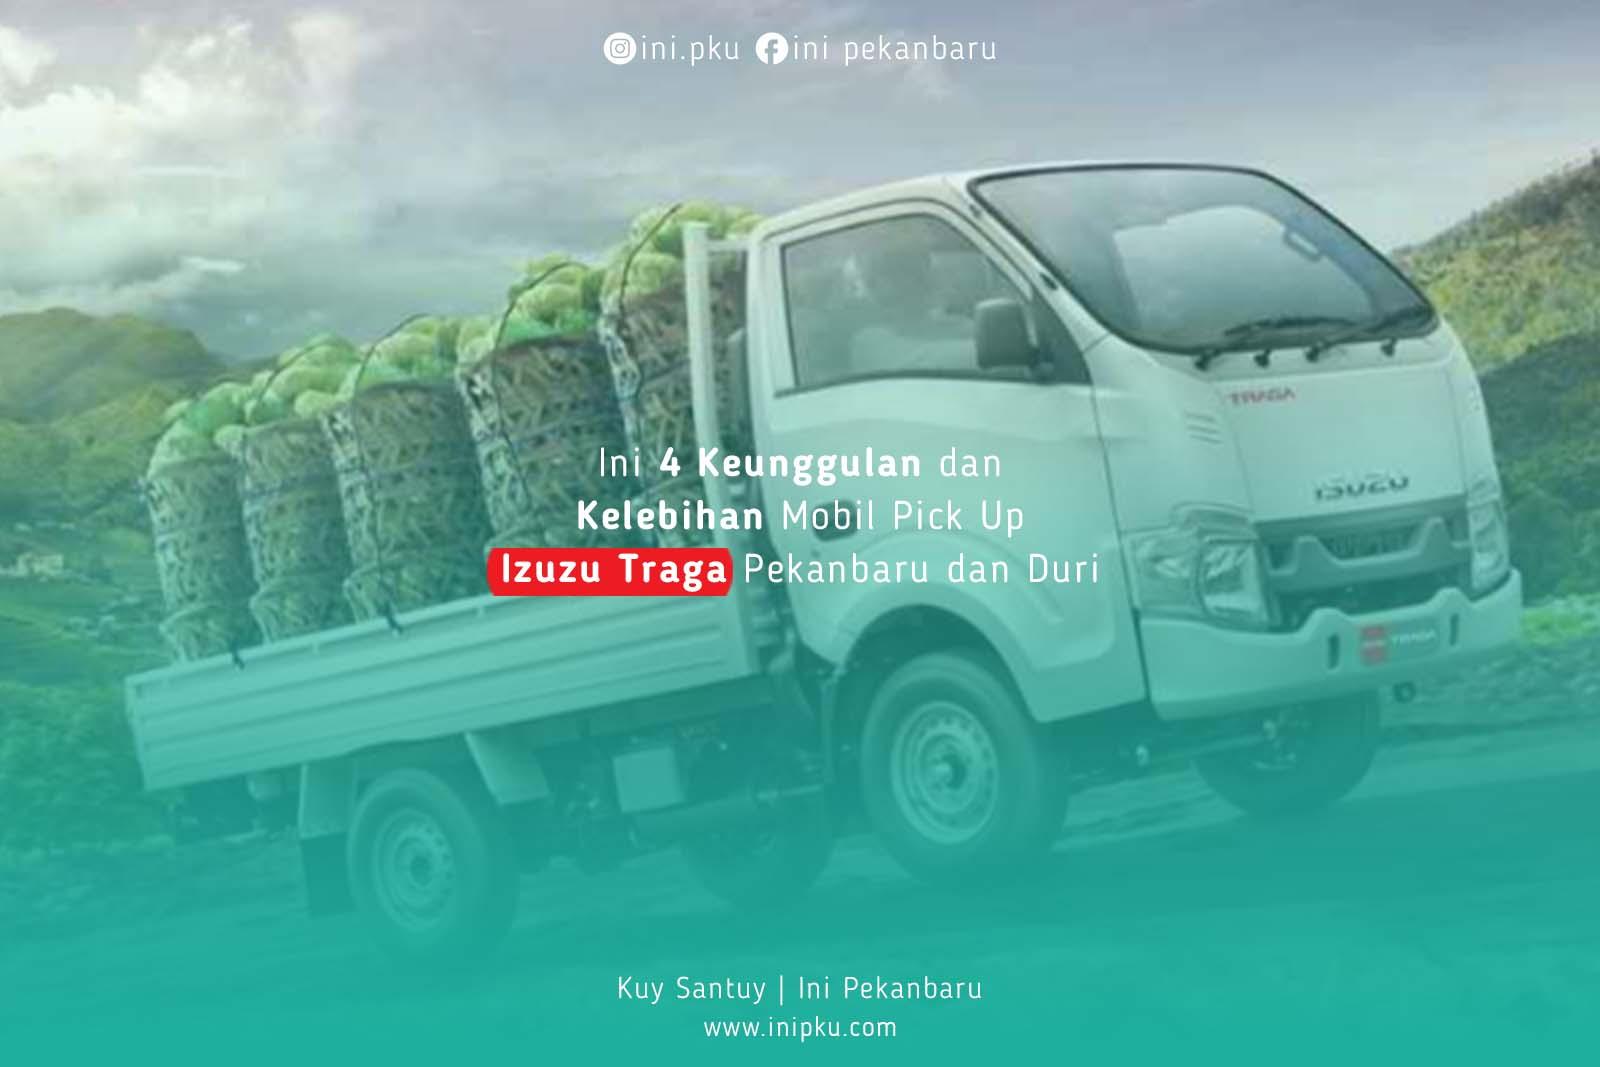 Ini 4 Keunggulan dan Kelebihan Mobil Pick Up Izuzu Traga Pekanbaru dan Duri